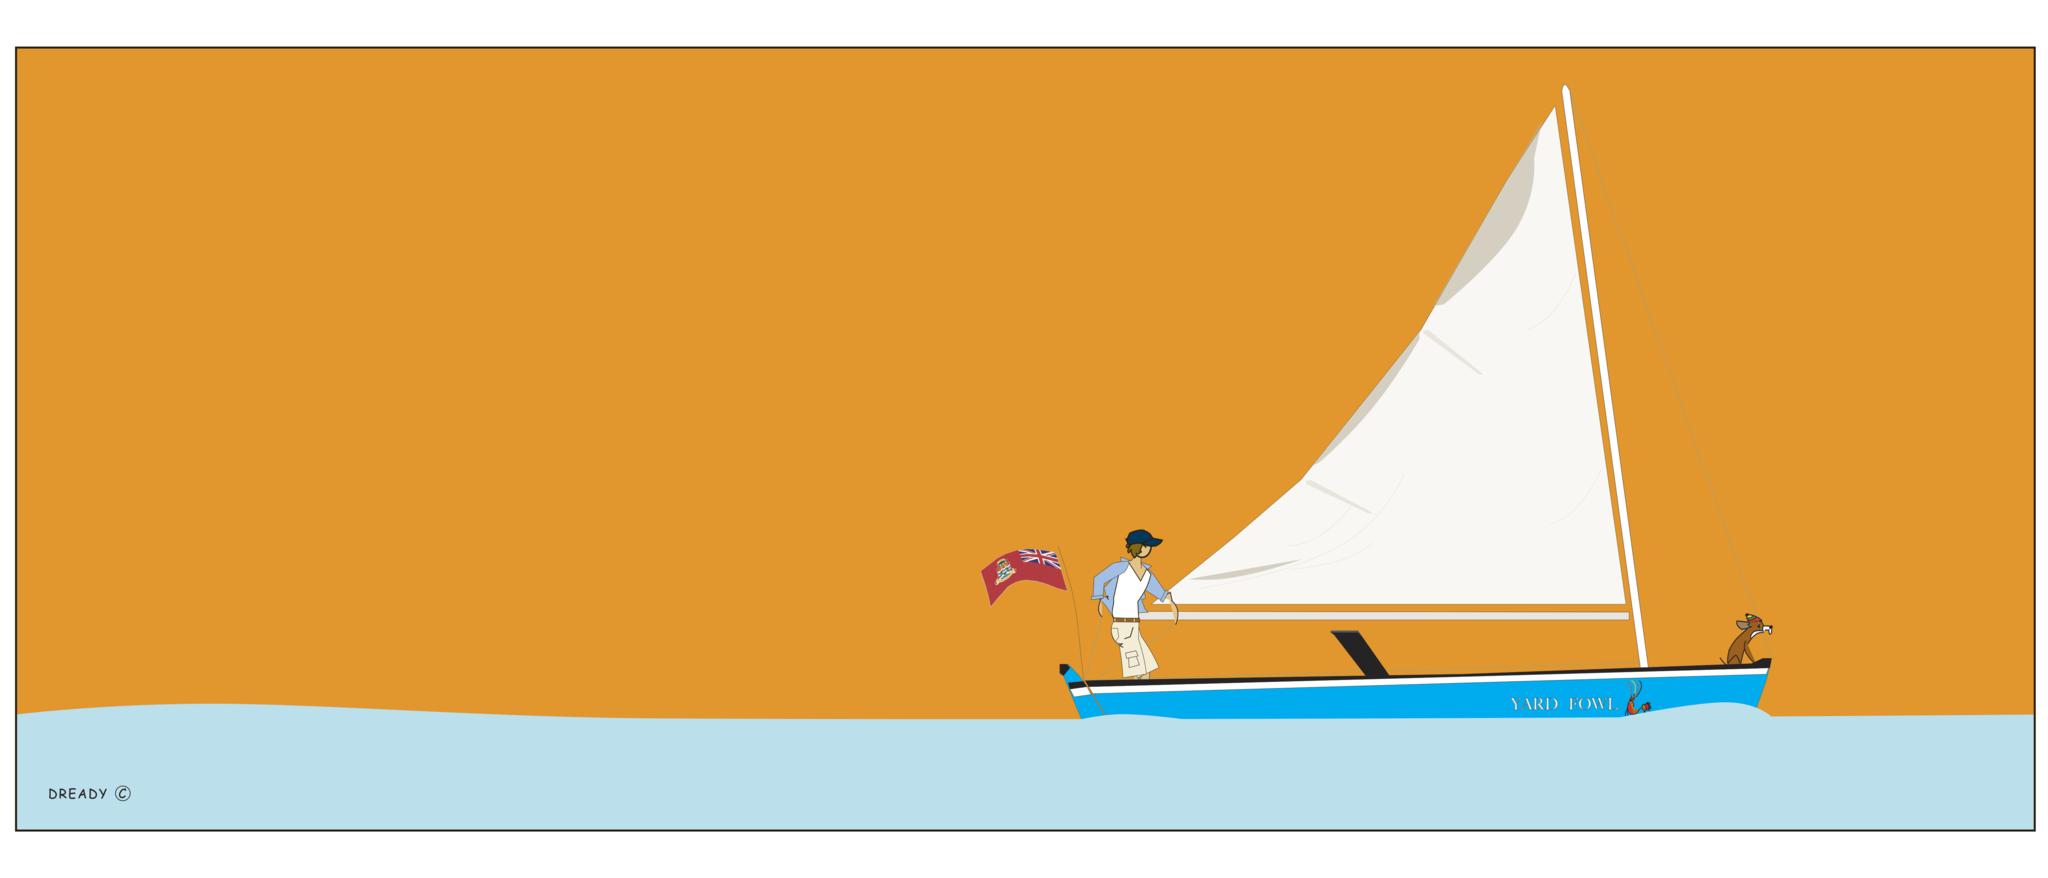 Dready Cayman Catboat